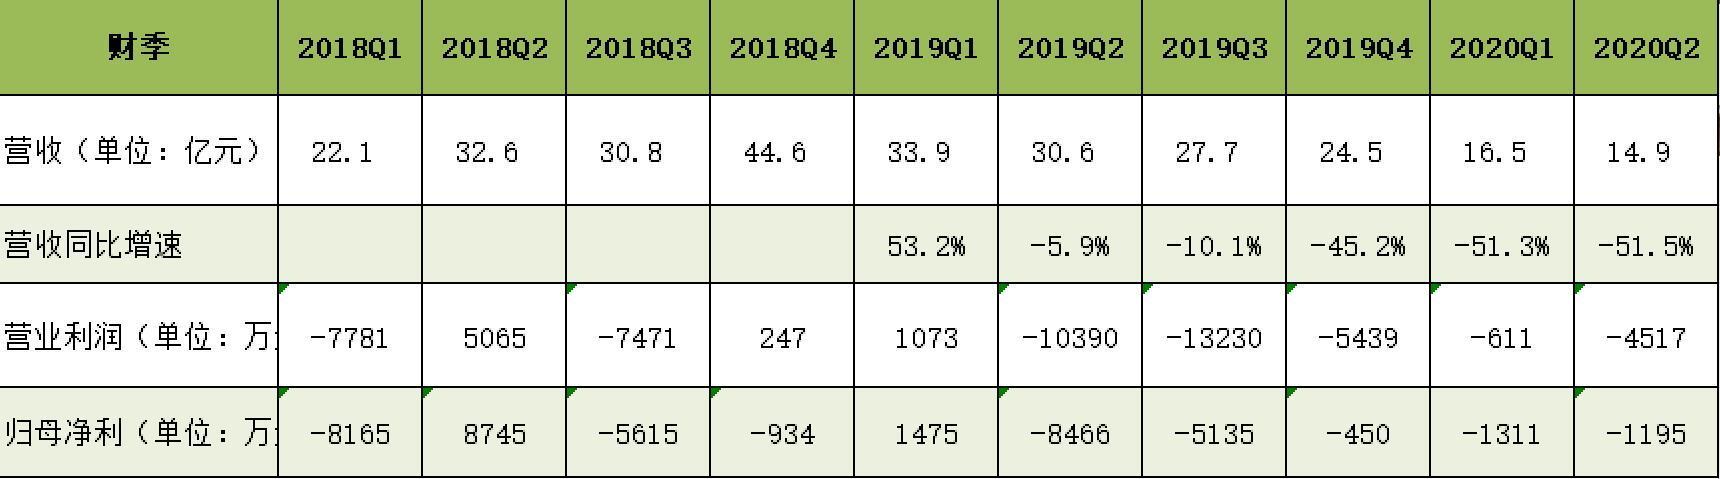 云集营收利润季报数据(中国网财经制表)